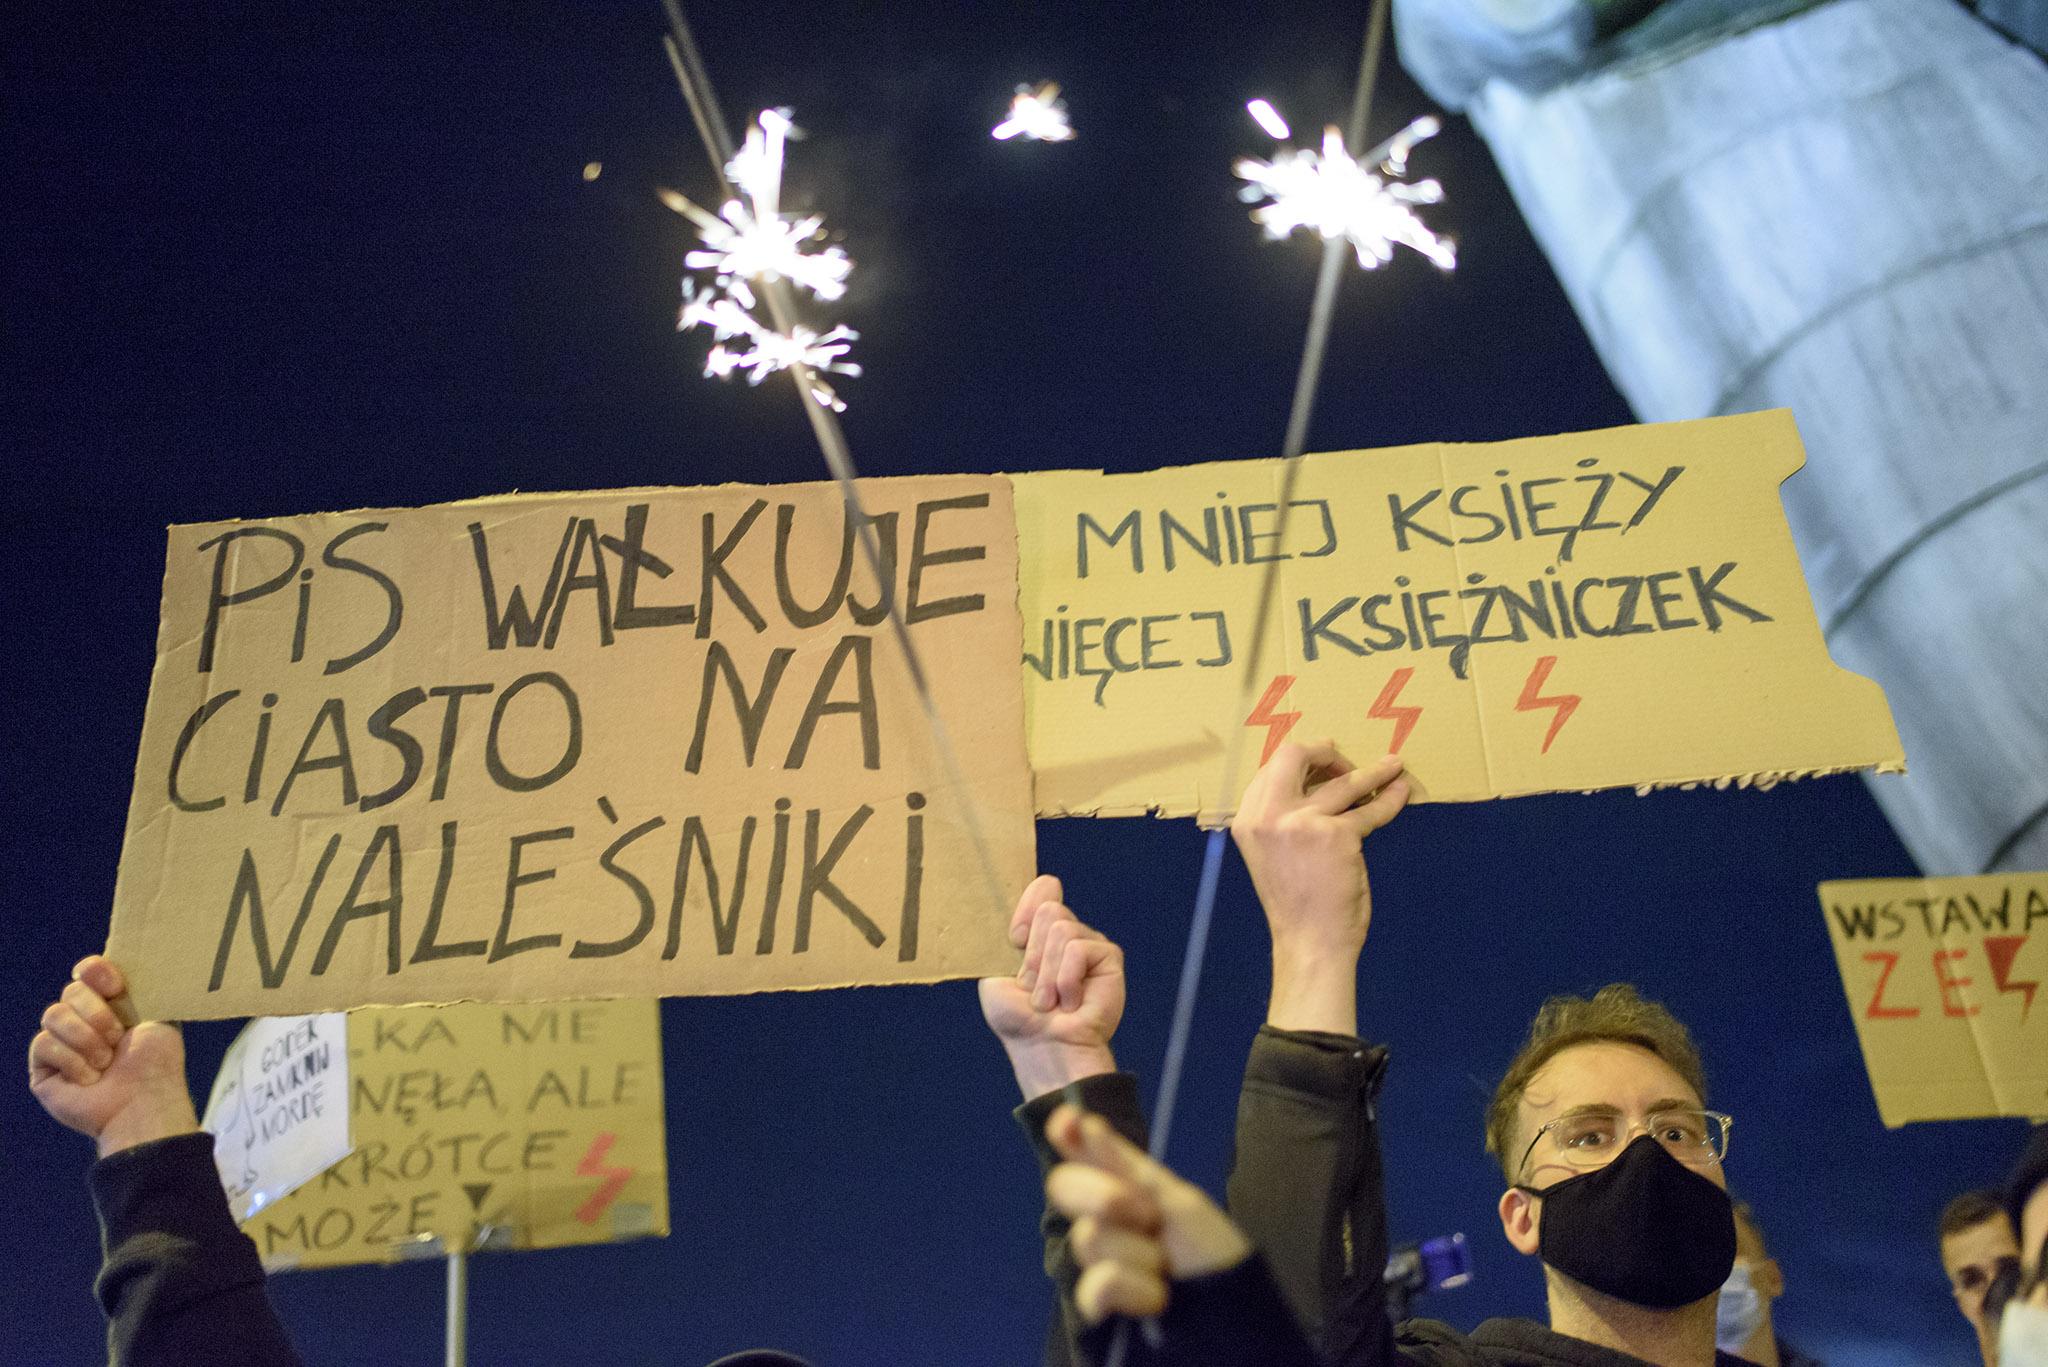 DSC_4289_RZESZOW_NEWS_SEBASTIAN_STANKIEWICZ